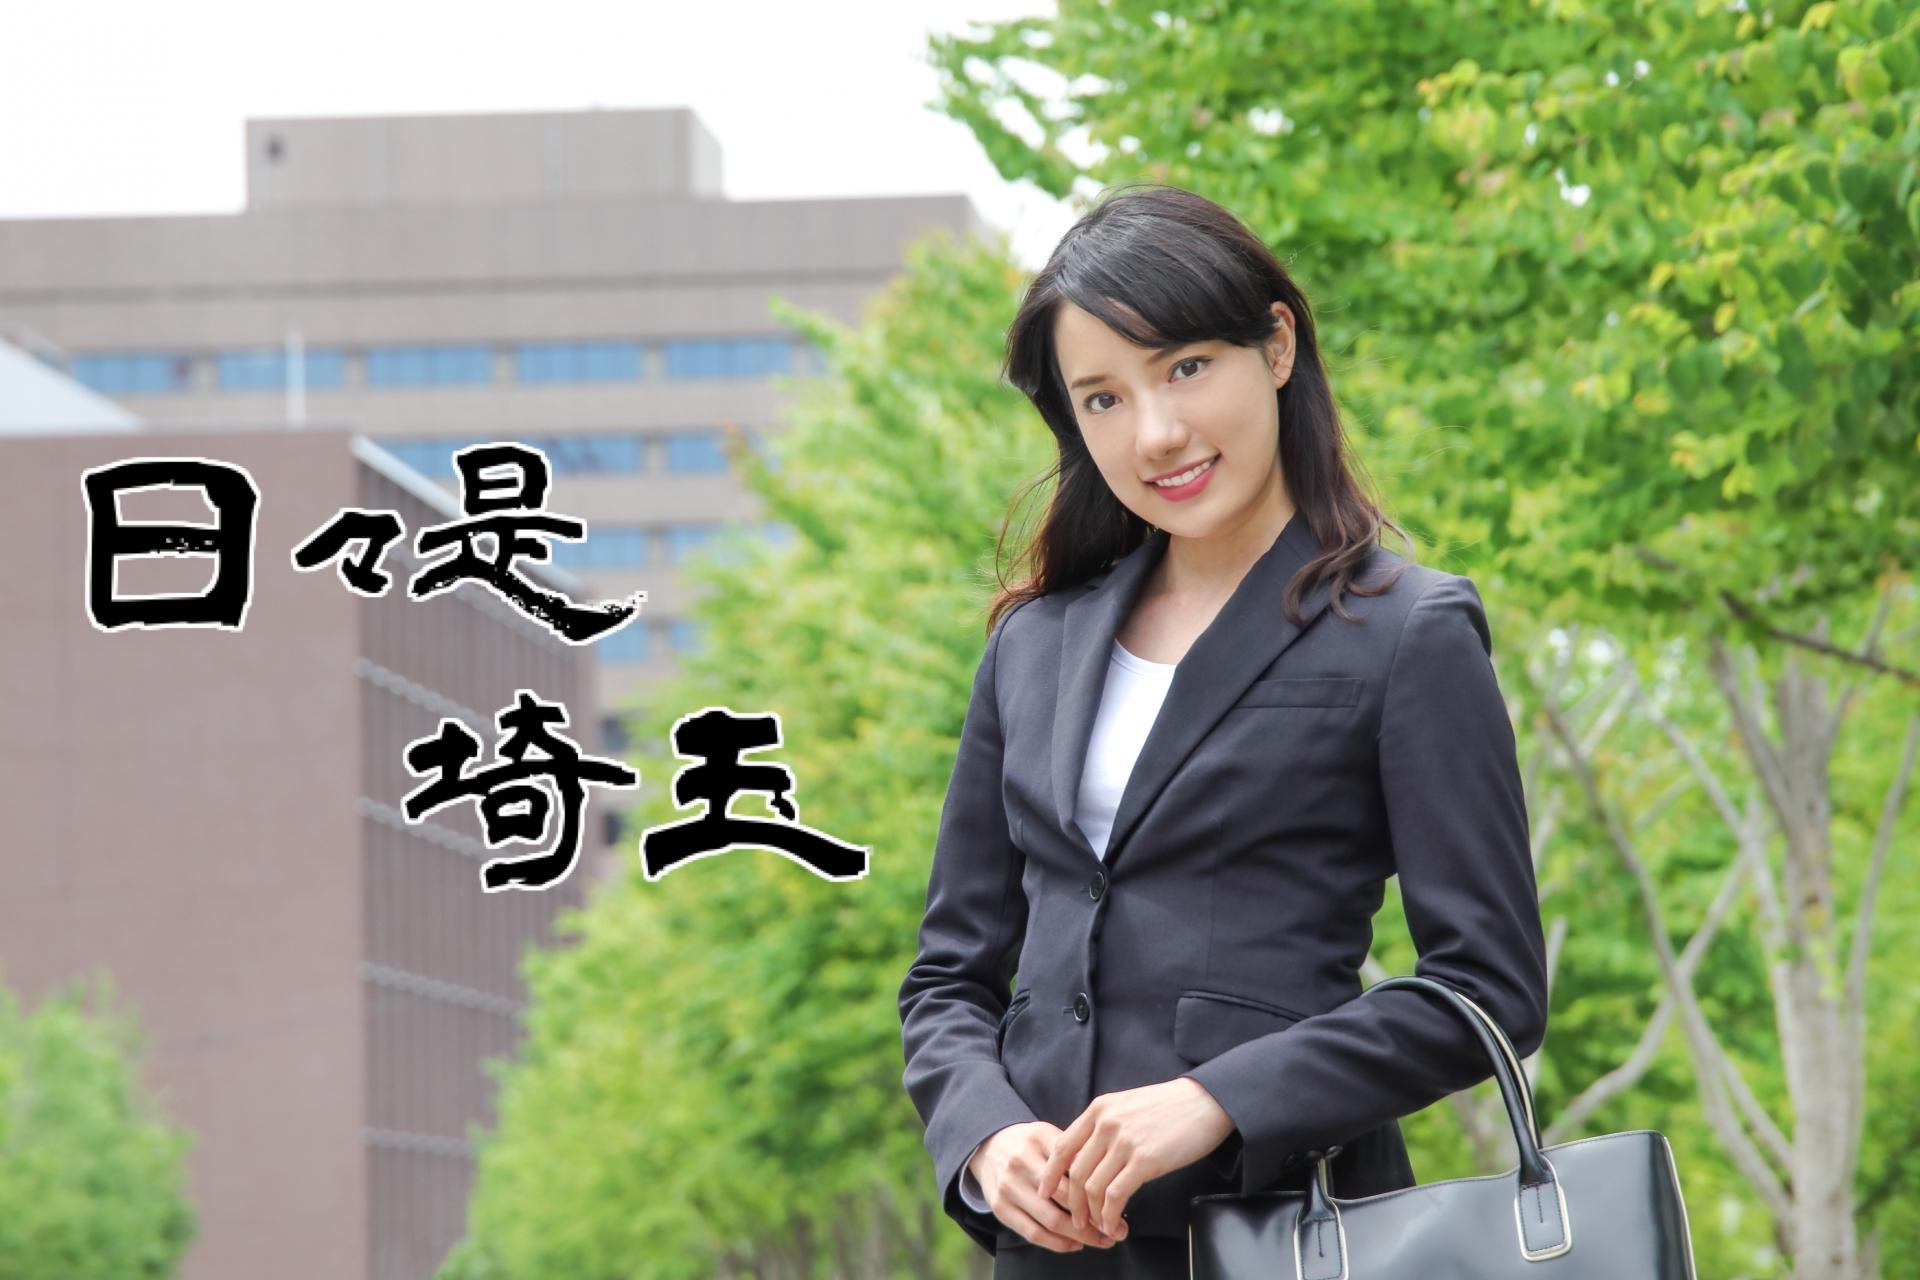 【日々是埼玉 2019/8/28】埼玉は全国40位ー県内の女性社長の最新分析から